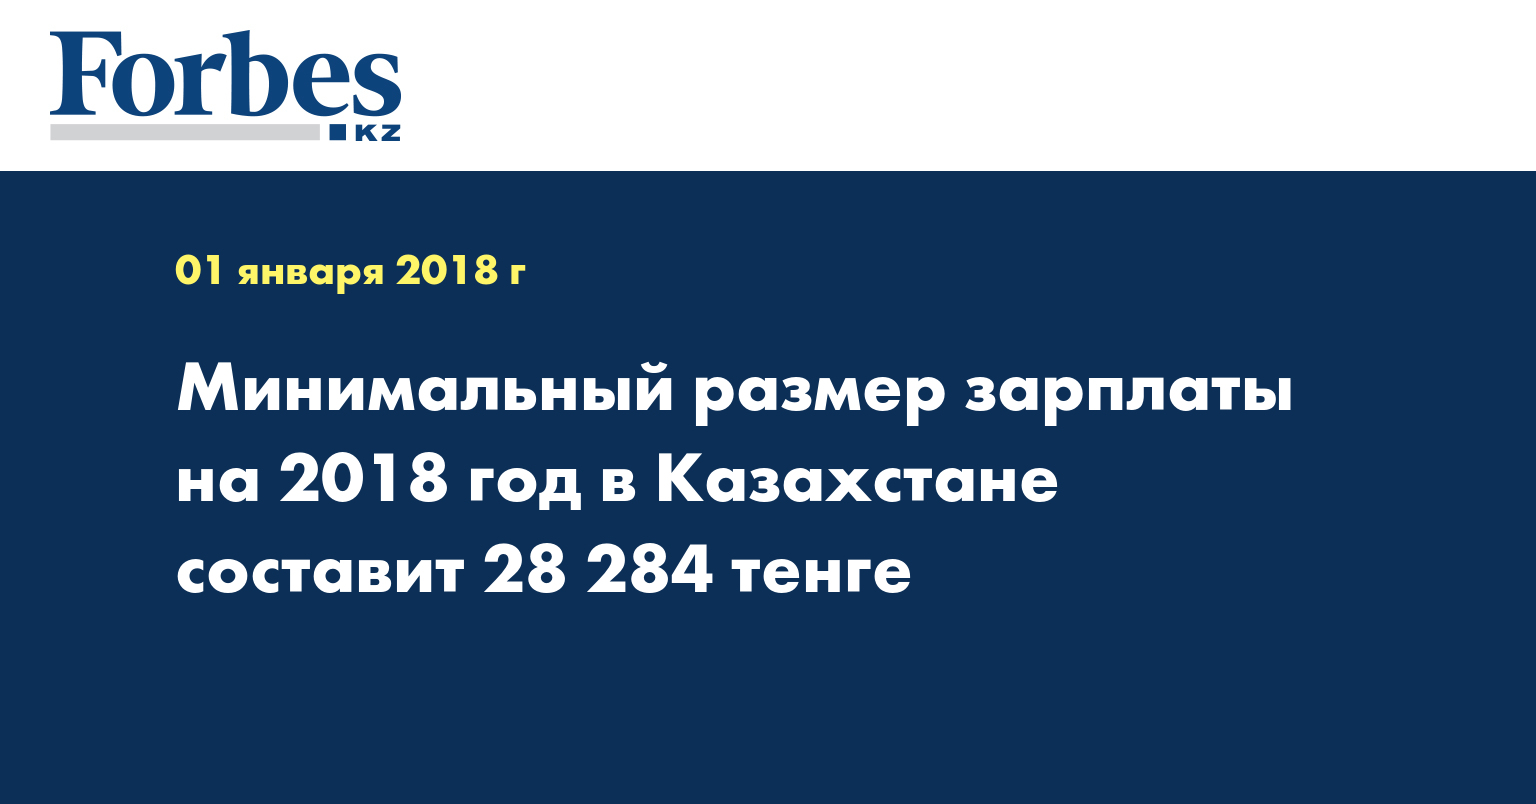 Минимальный размер зарплаты на 2018 год в Казахстане составит 28 284 тенге